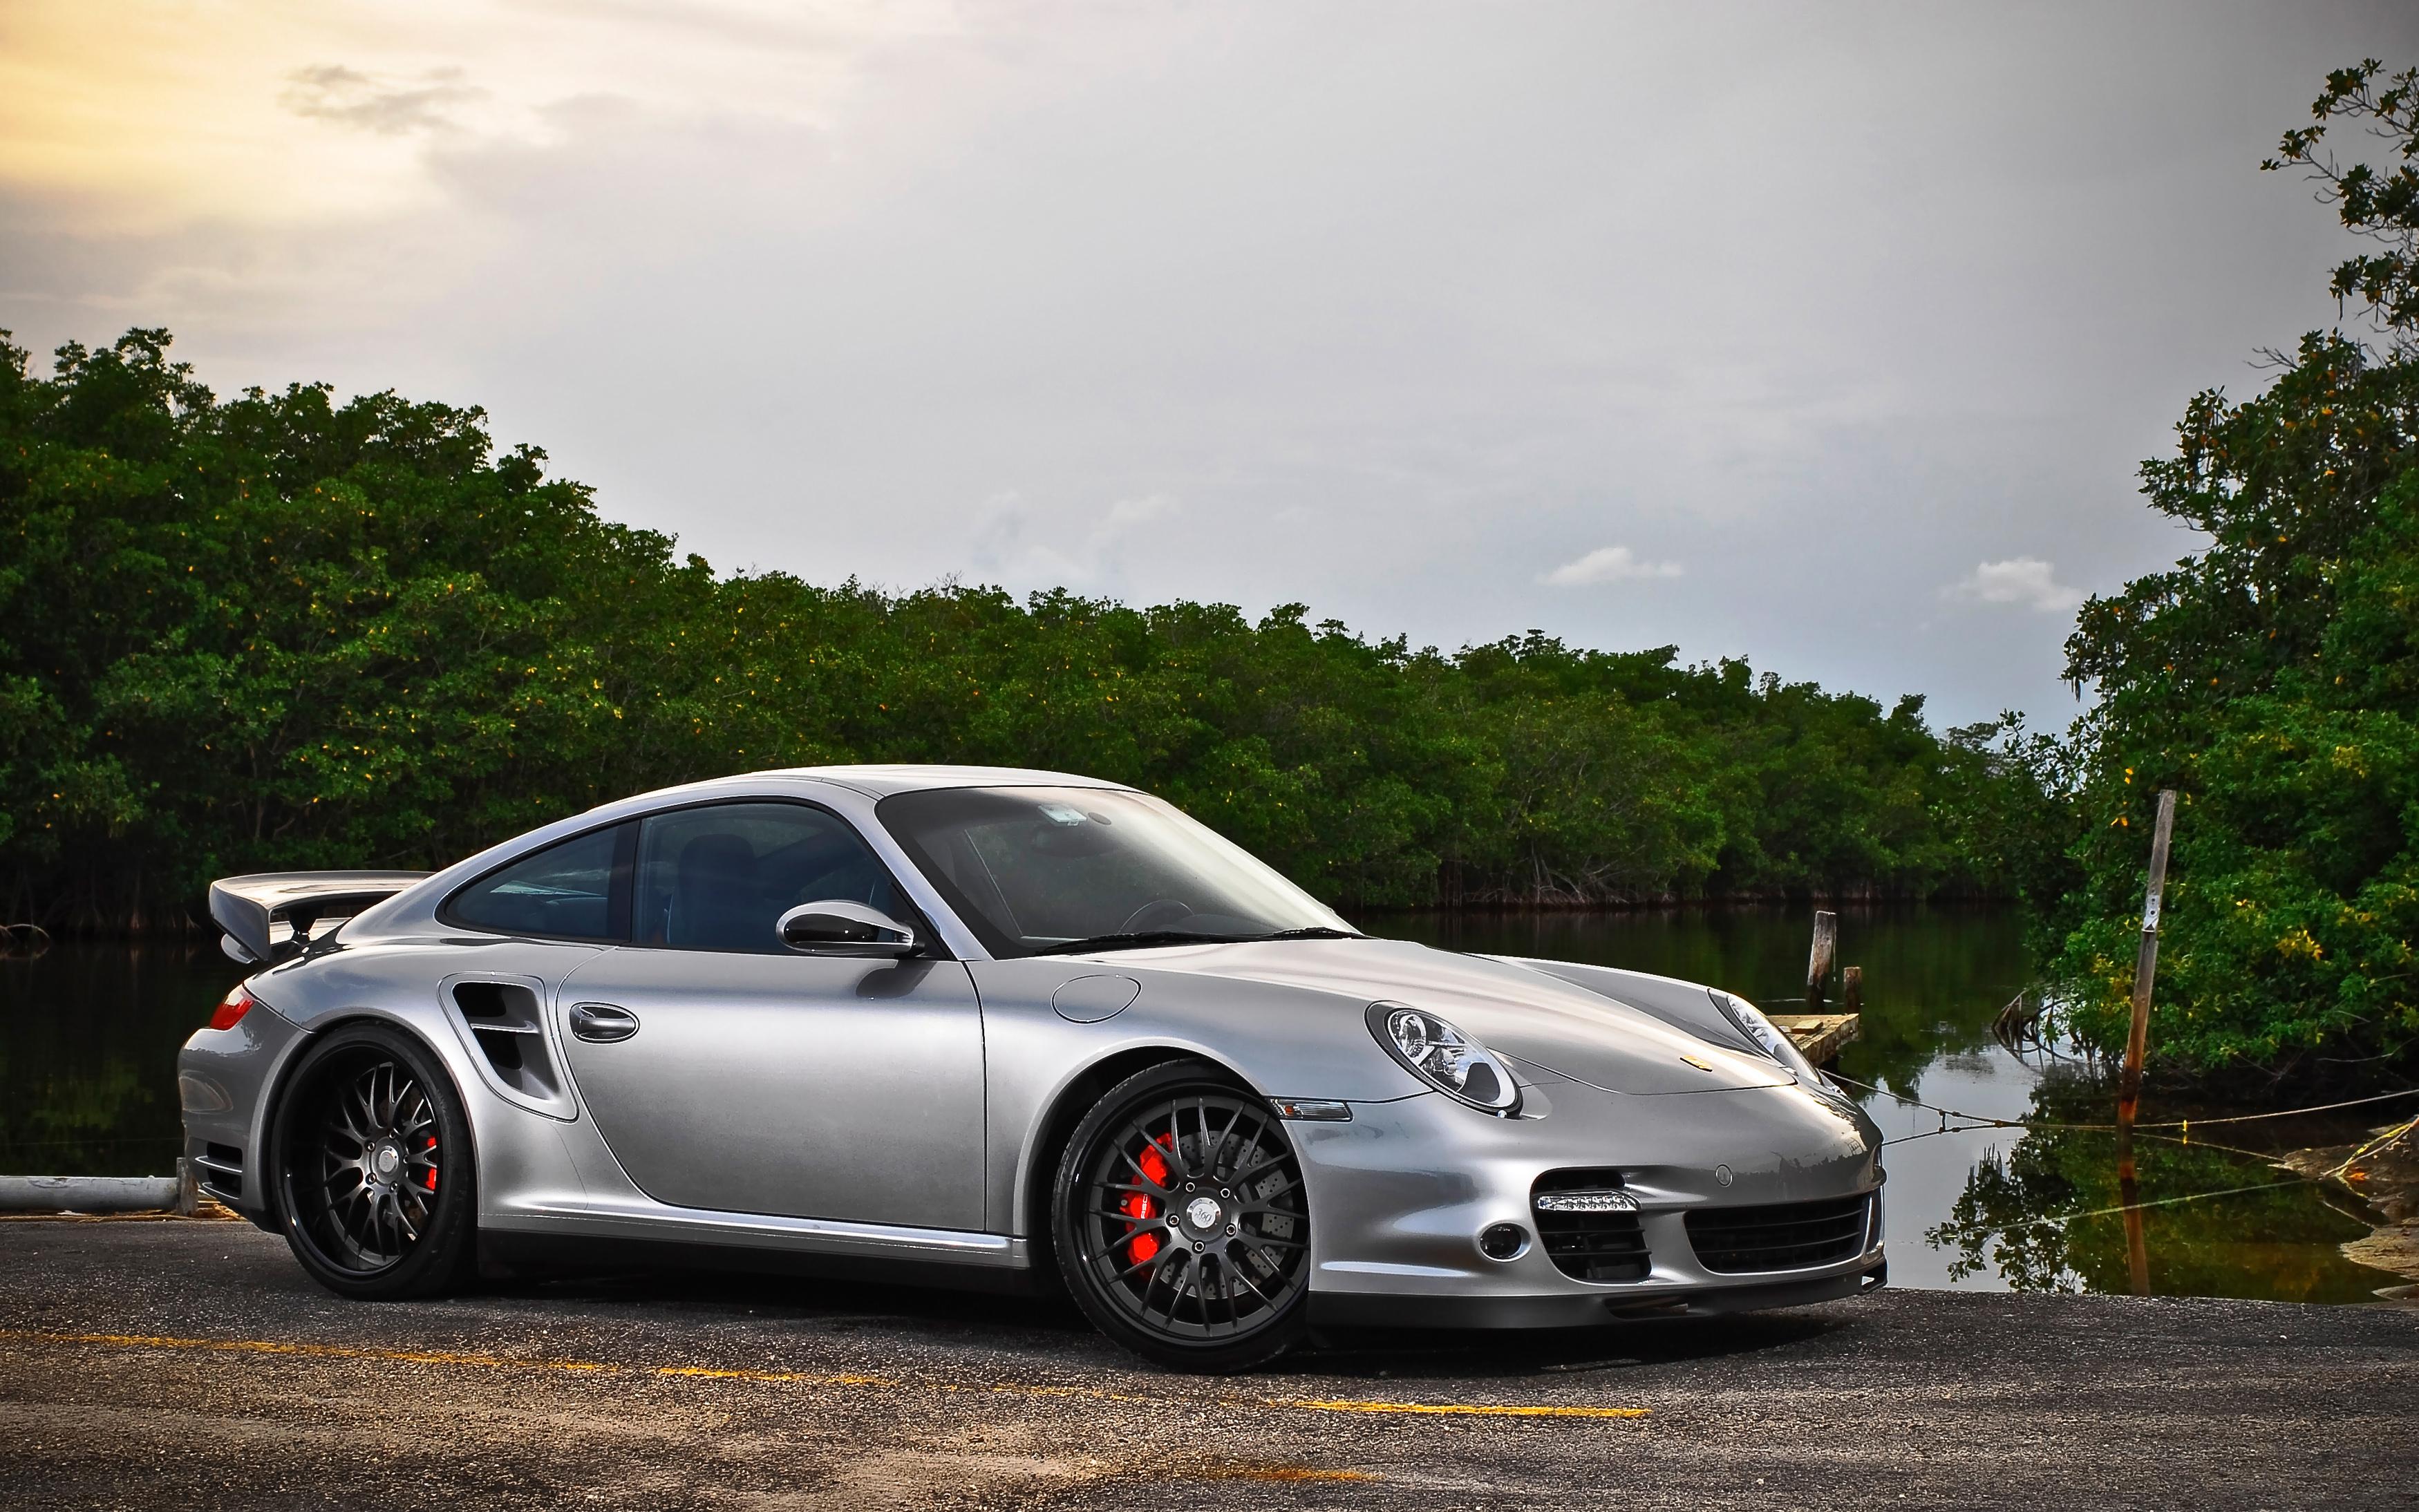 360 Forged Porsche 997tt Wallpaper Hd Car Wallpapers Id 2799